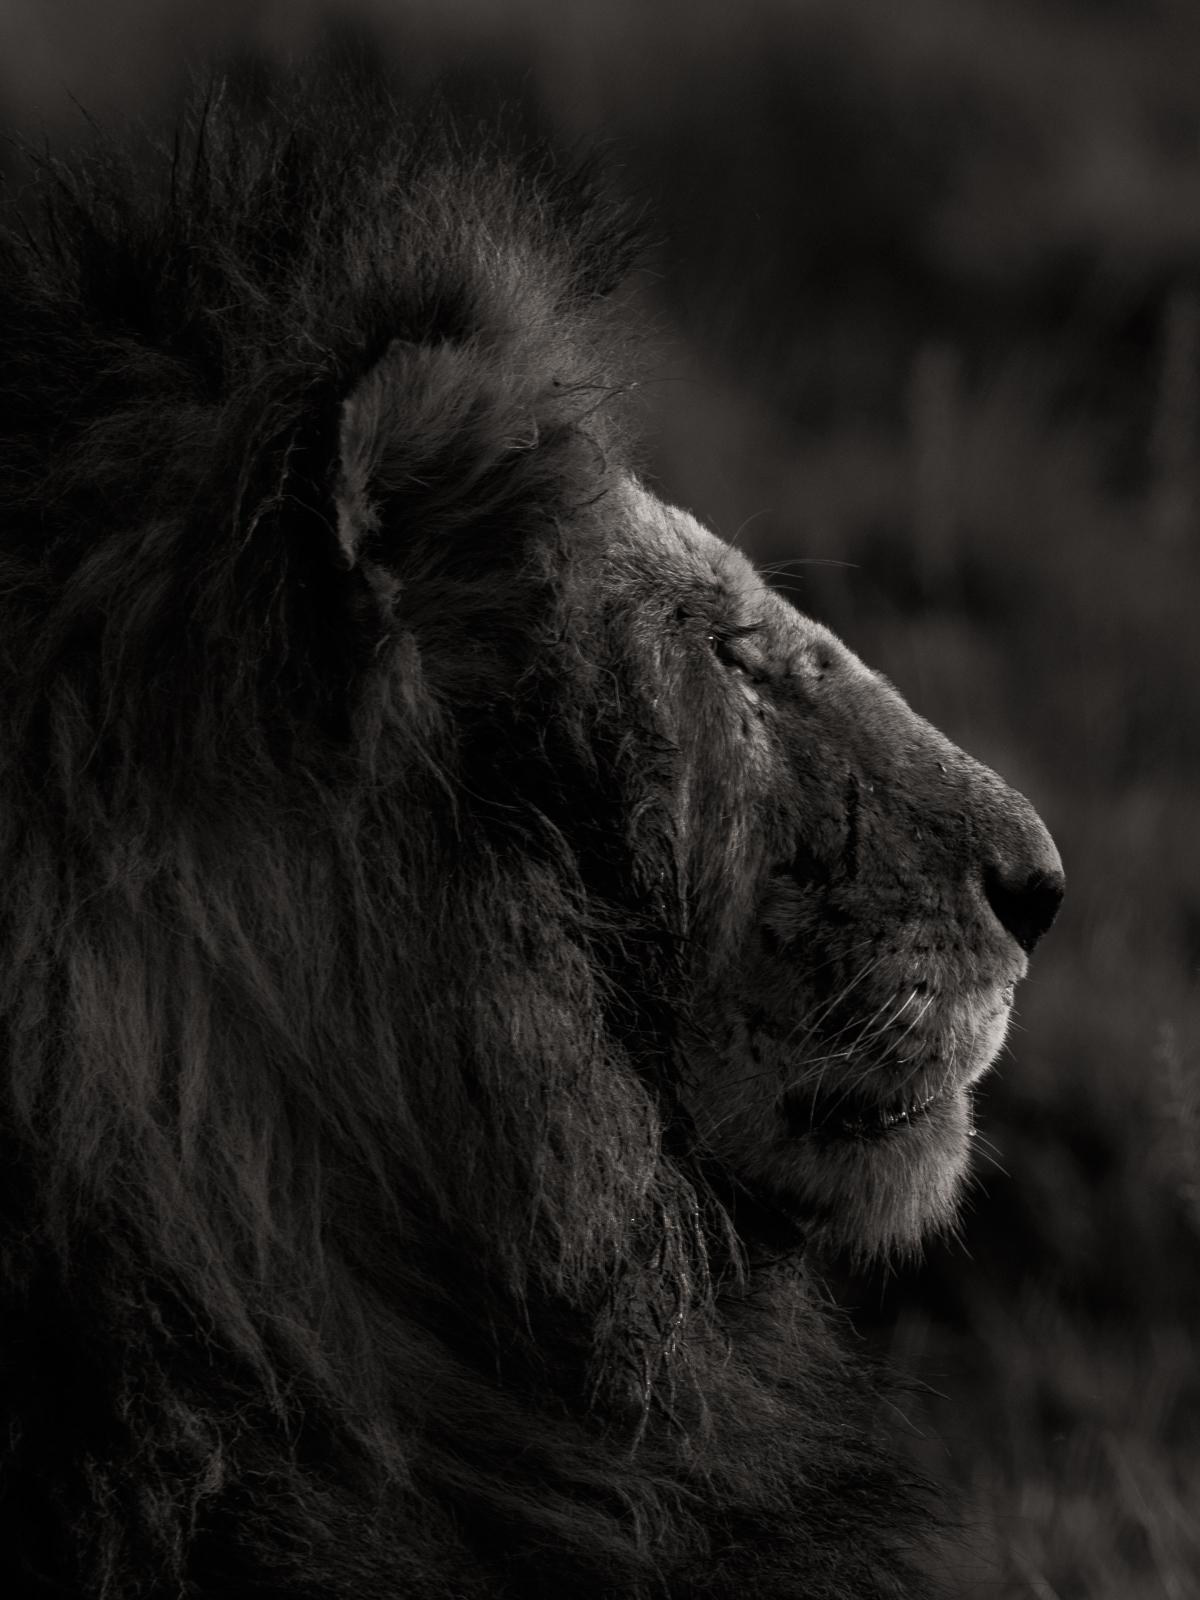 Lion Portrait.jpg